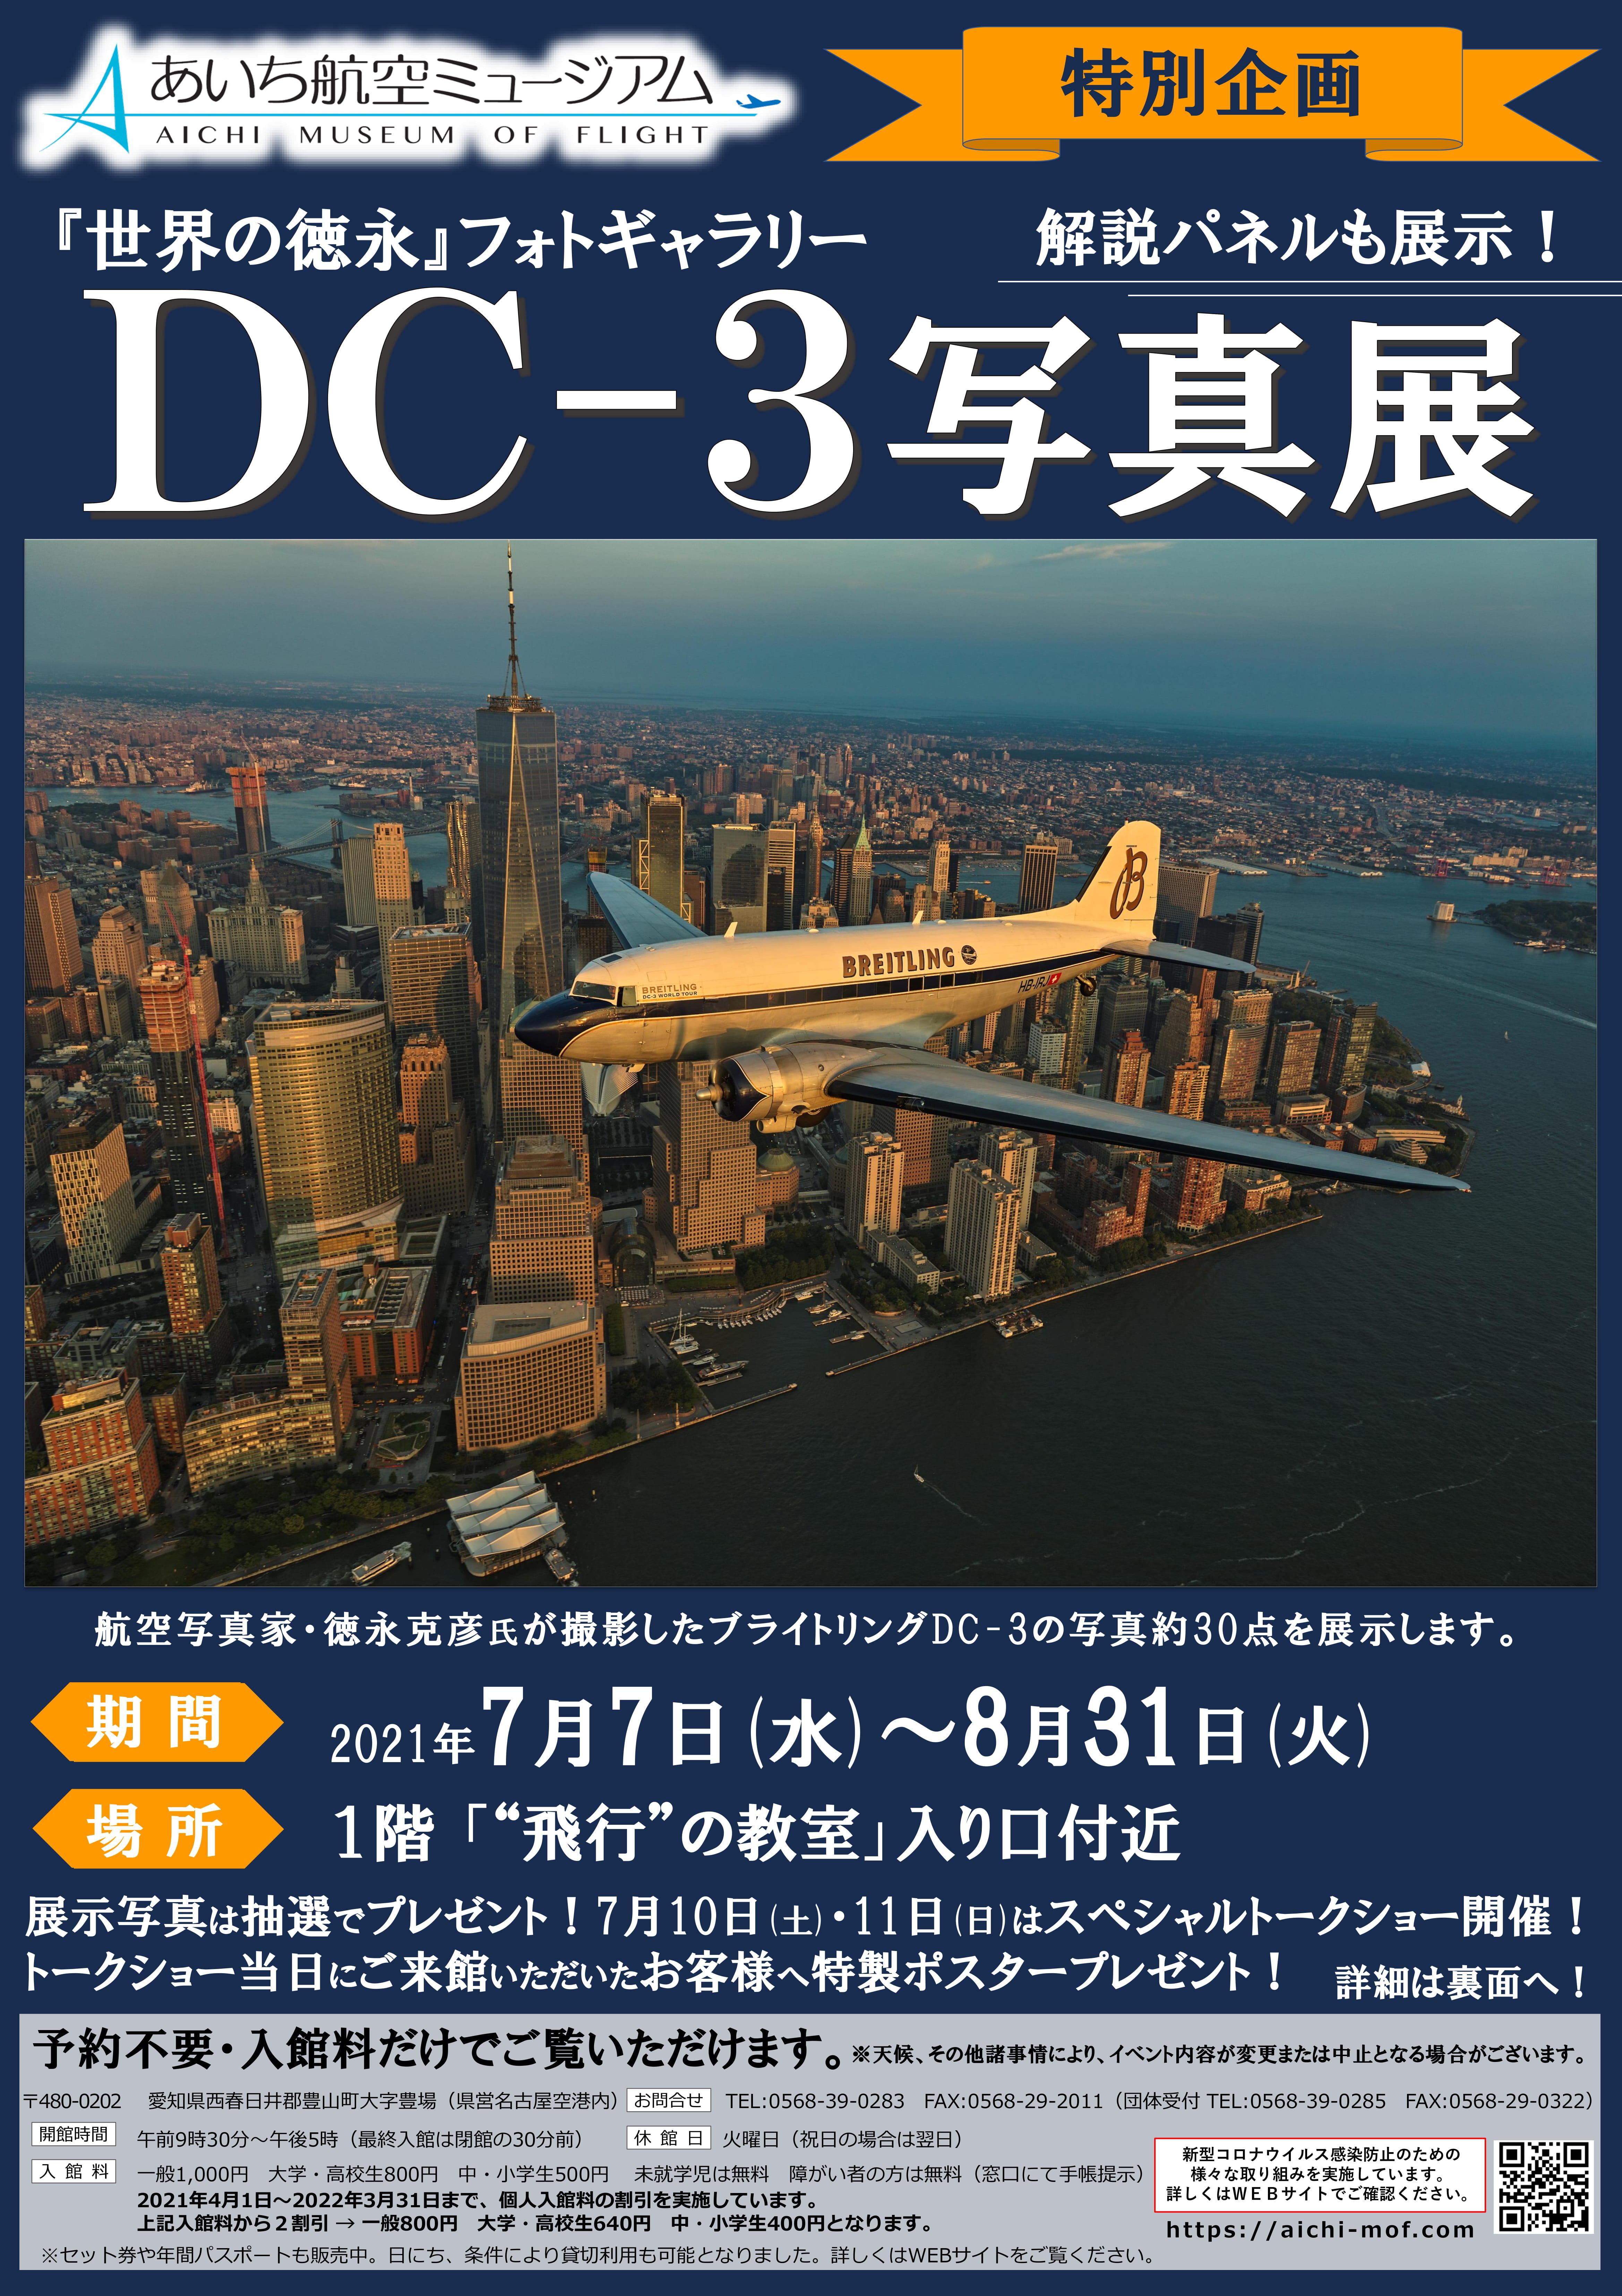 【確定】DC-3フォトギャラリー&トークショーチラシ(表).jpg